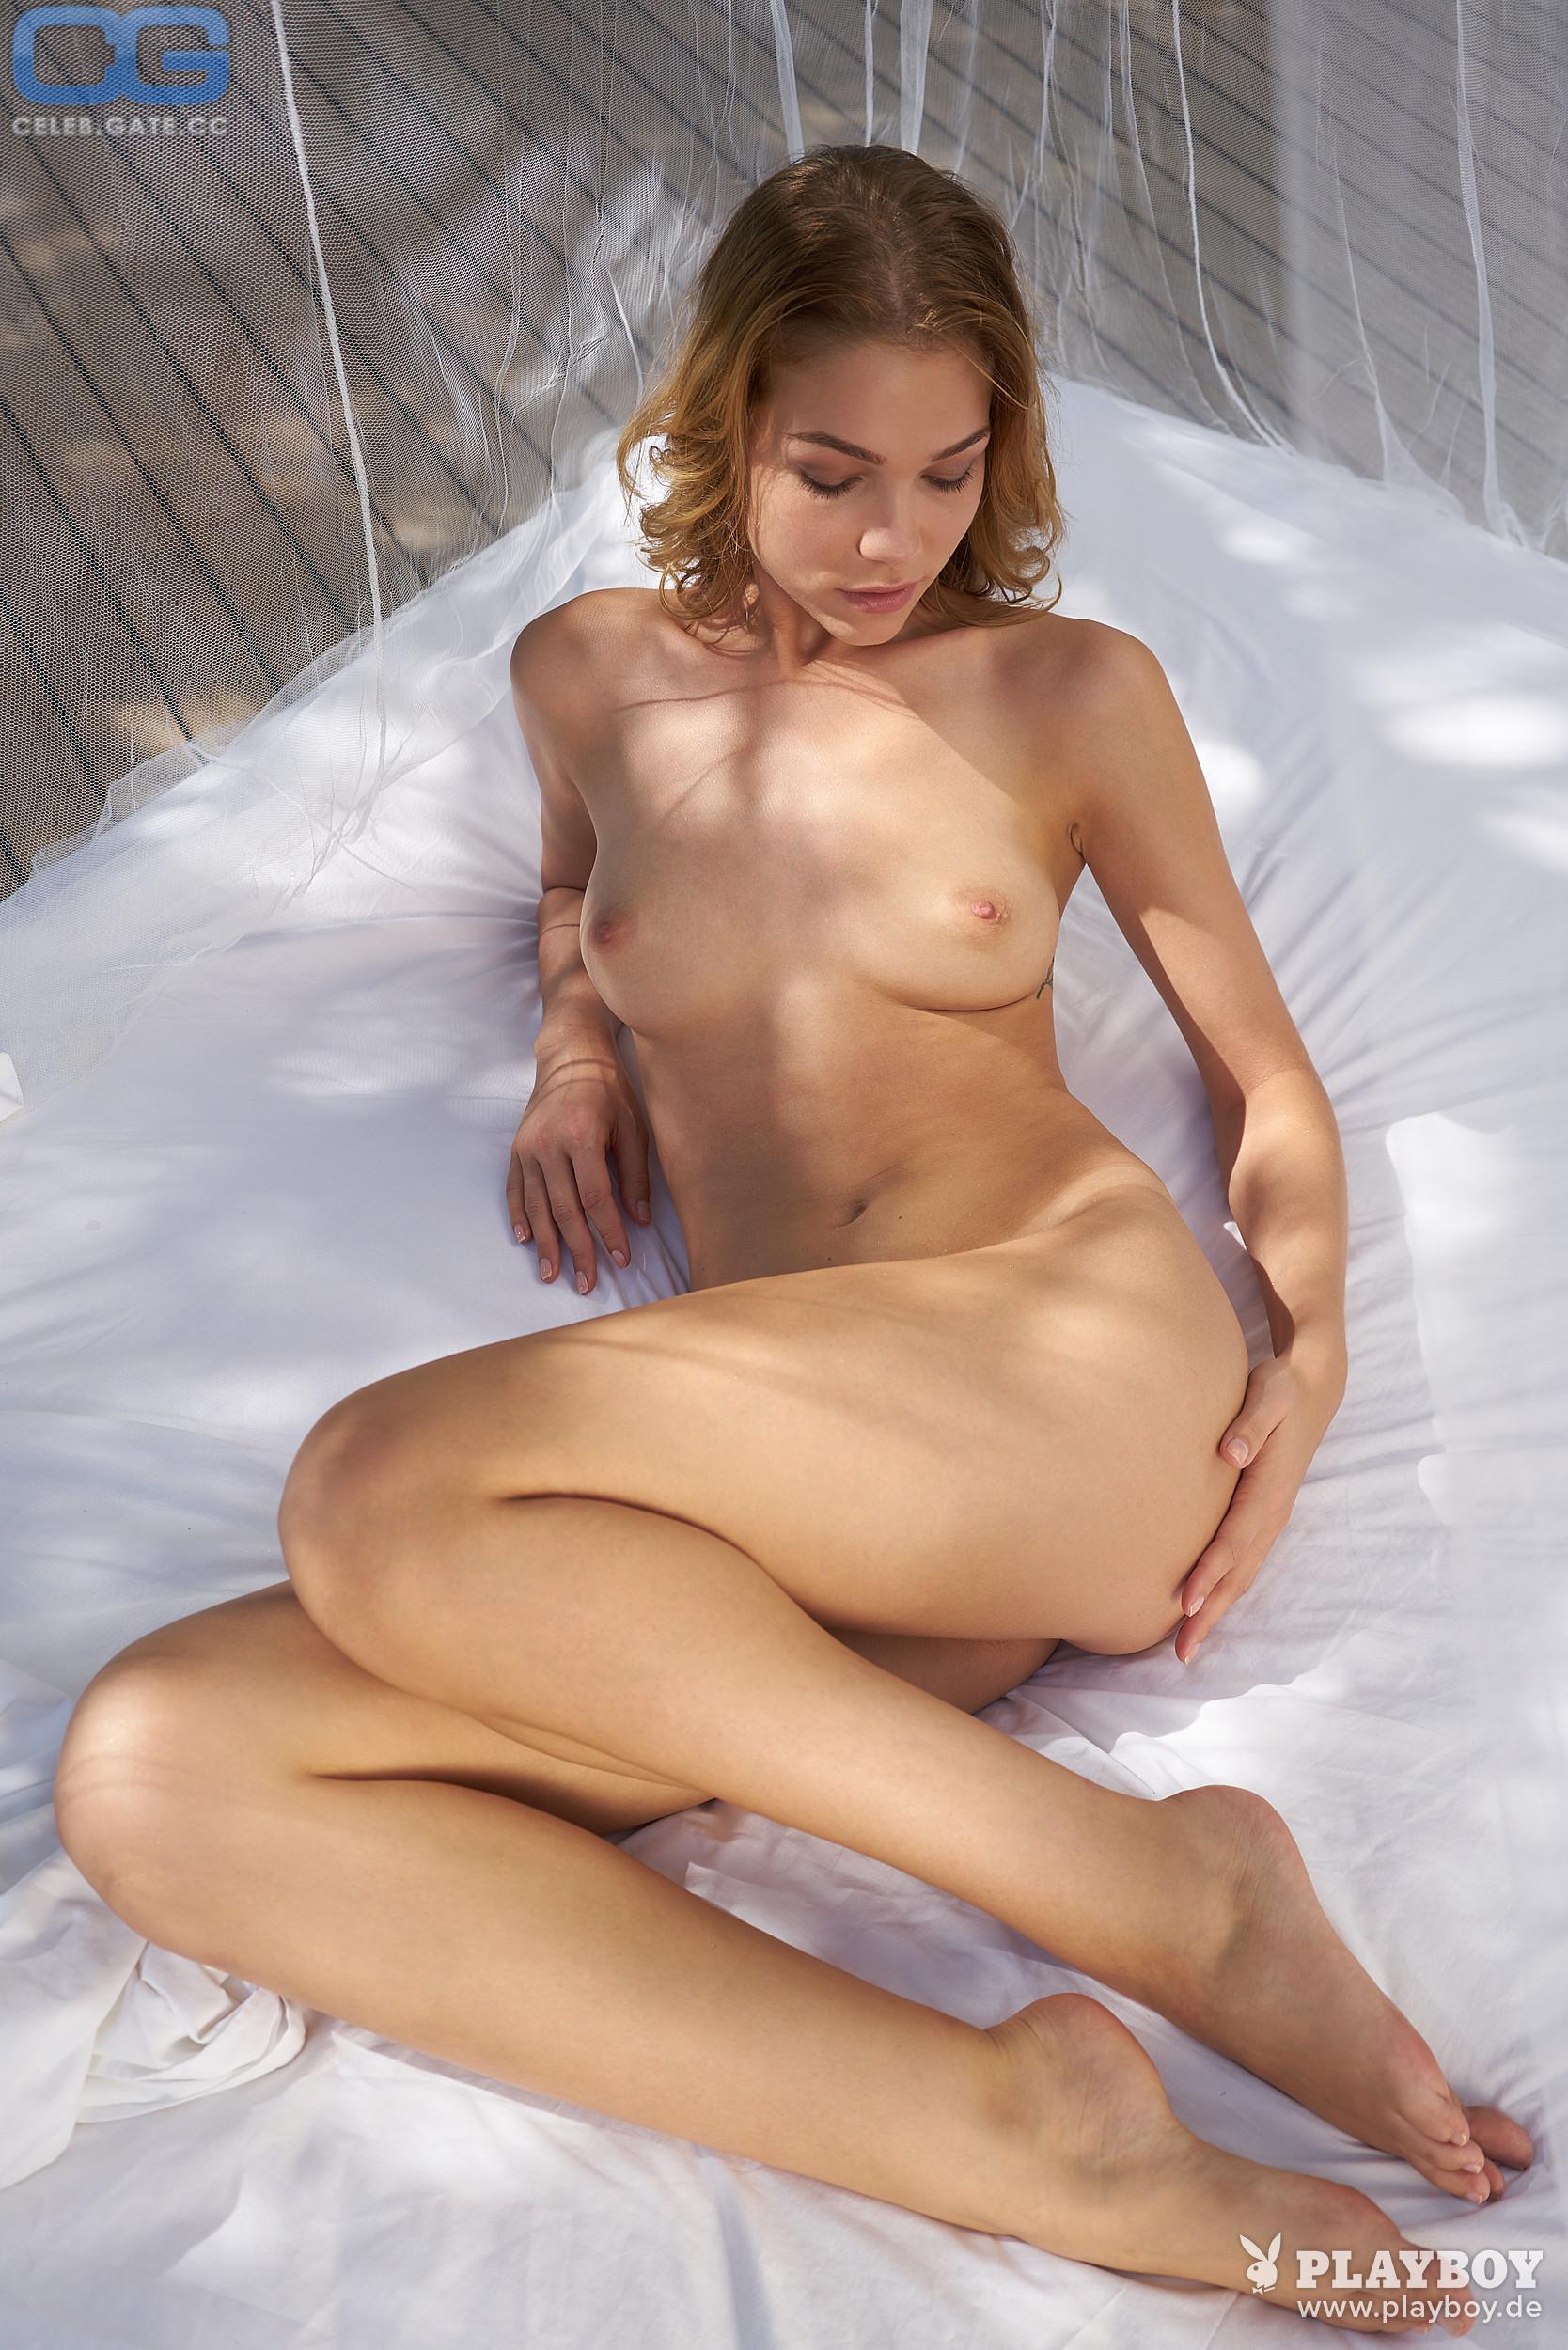 Marie czuczman nude